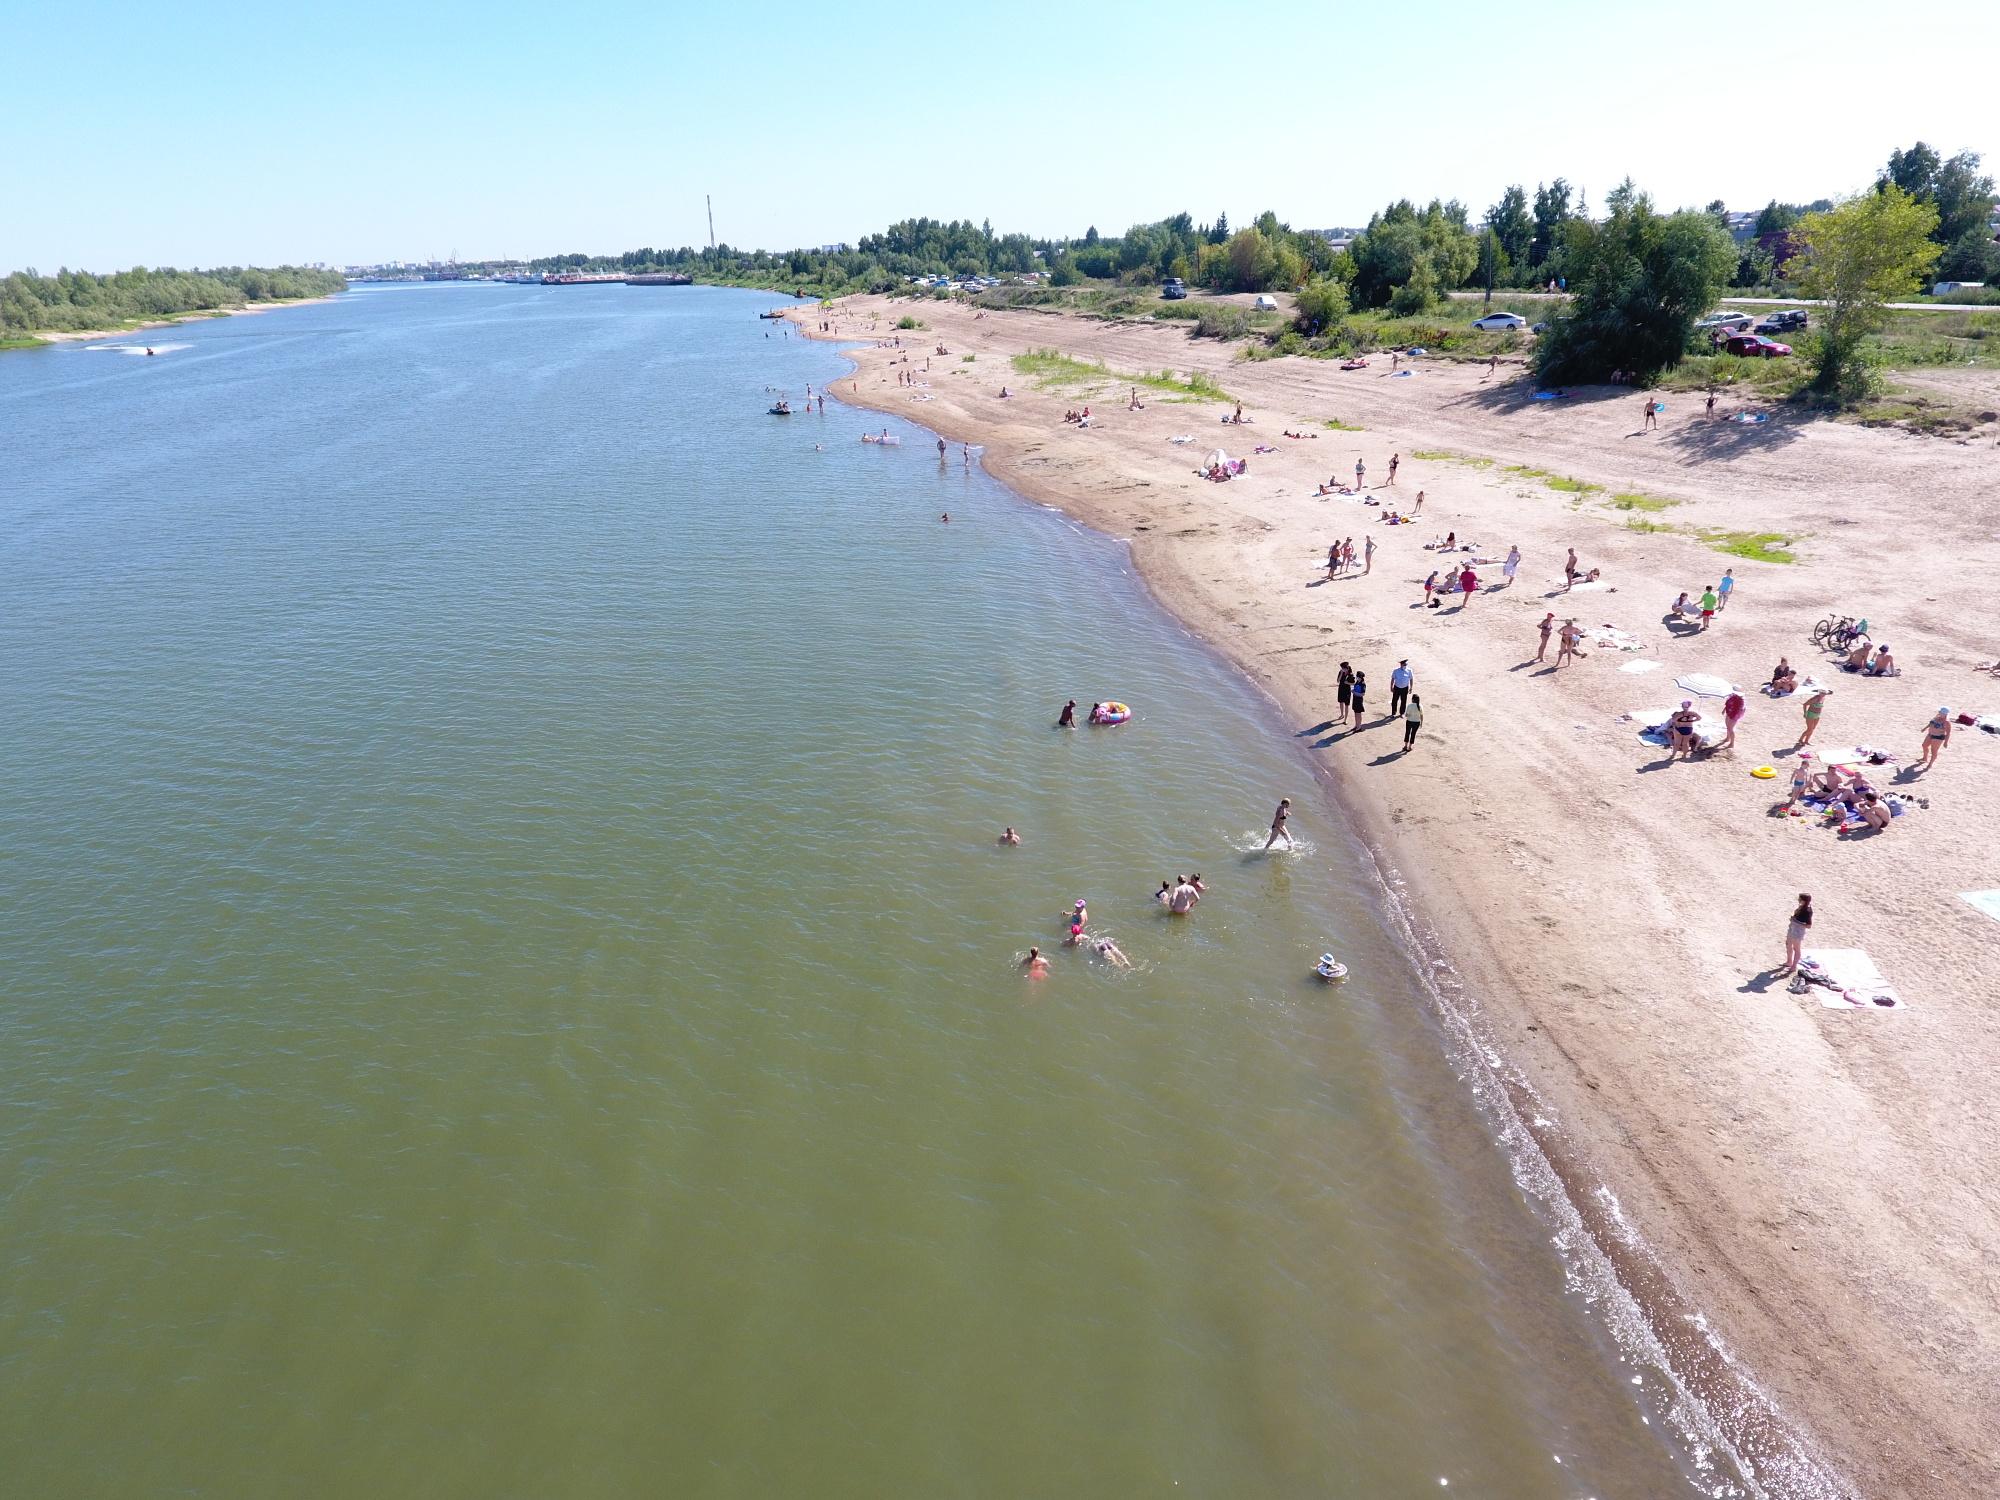 В омских реках нашли азот, алюминий, марганец, медь и фенолы #Новости #Общество #Омск